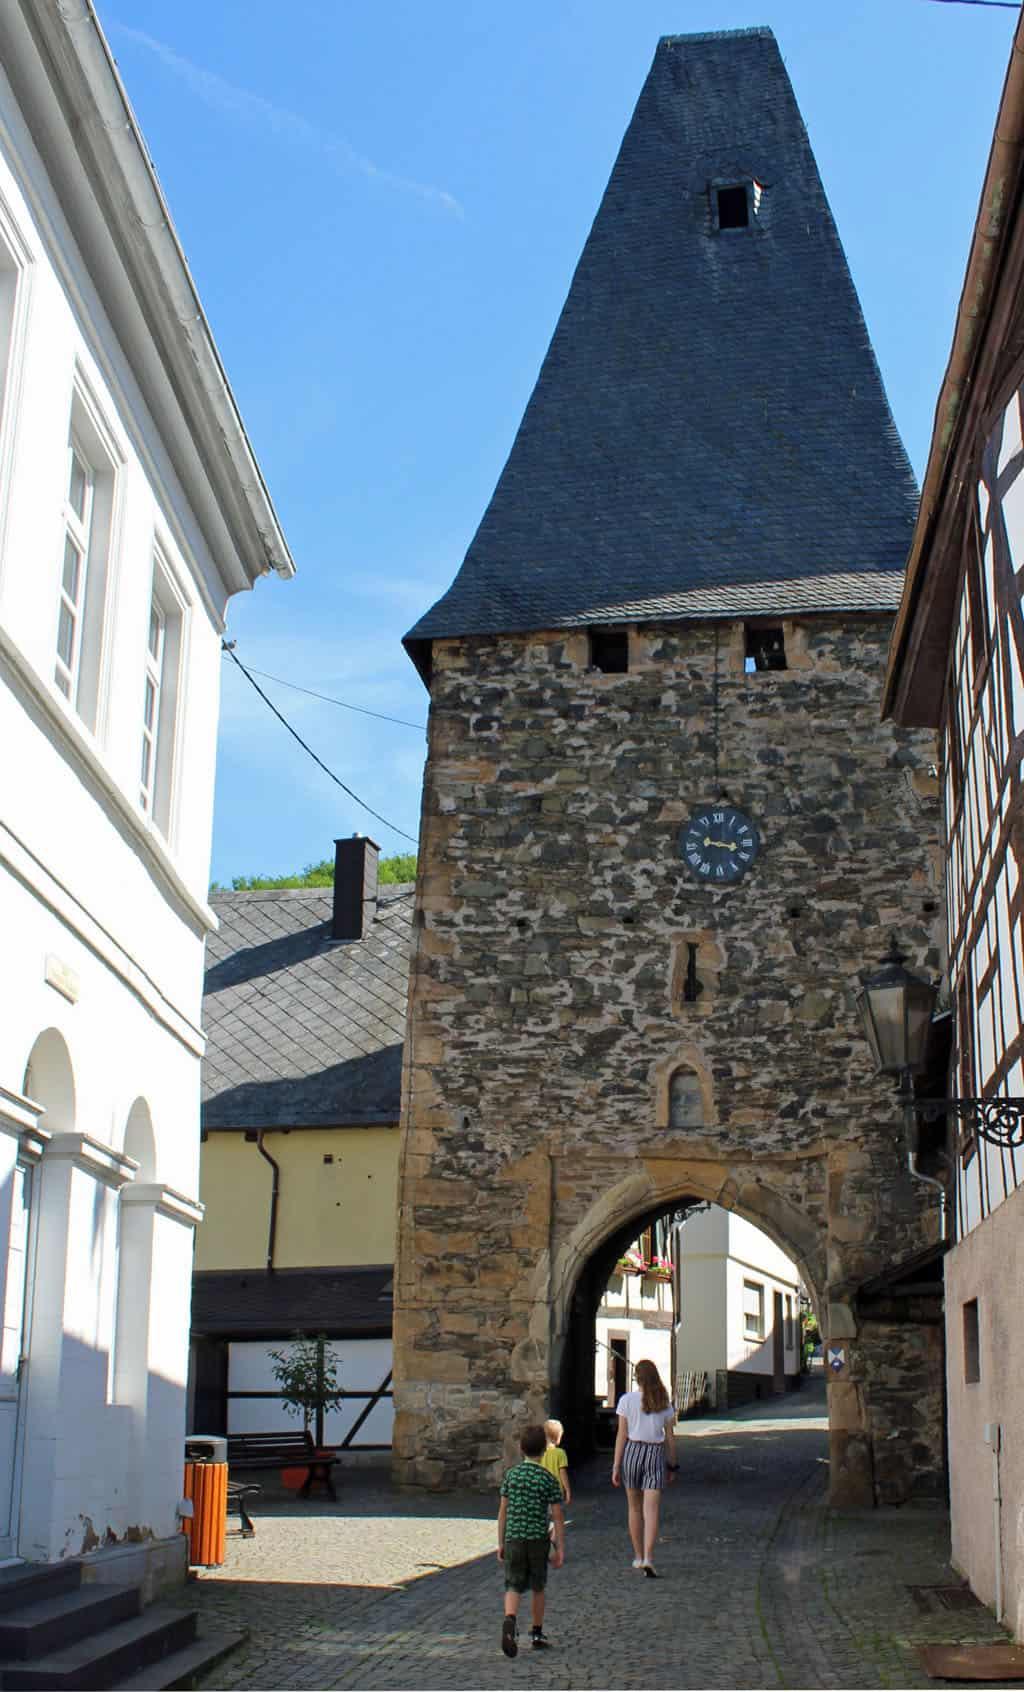 Onder de klokkentoren door, waarna de historische stadskern van Herrstein begint